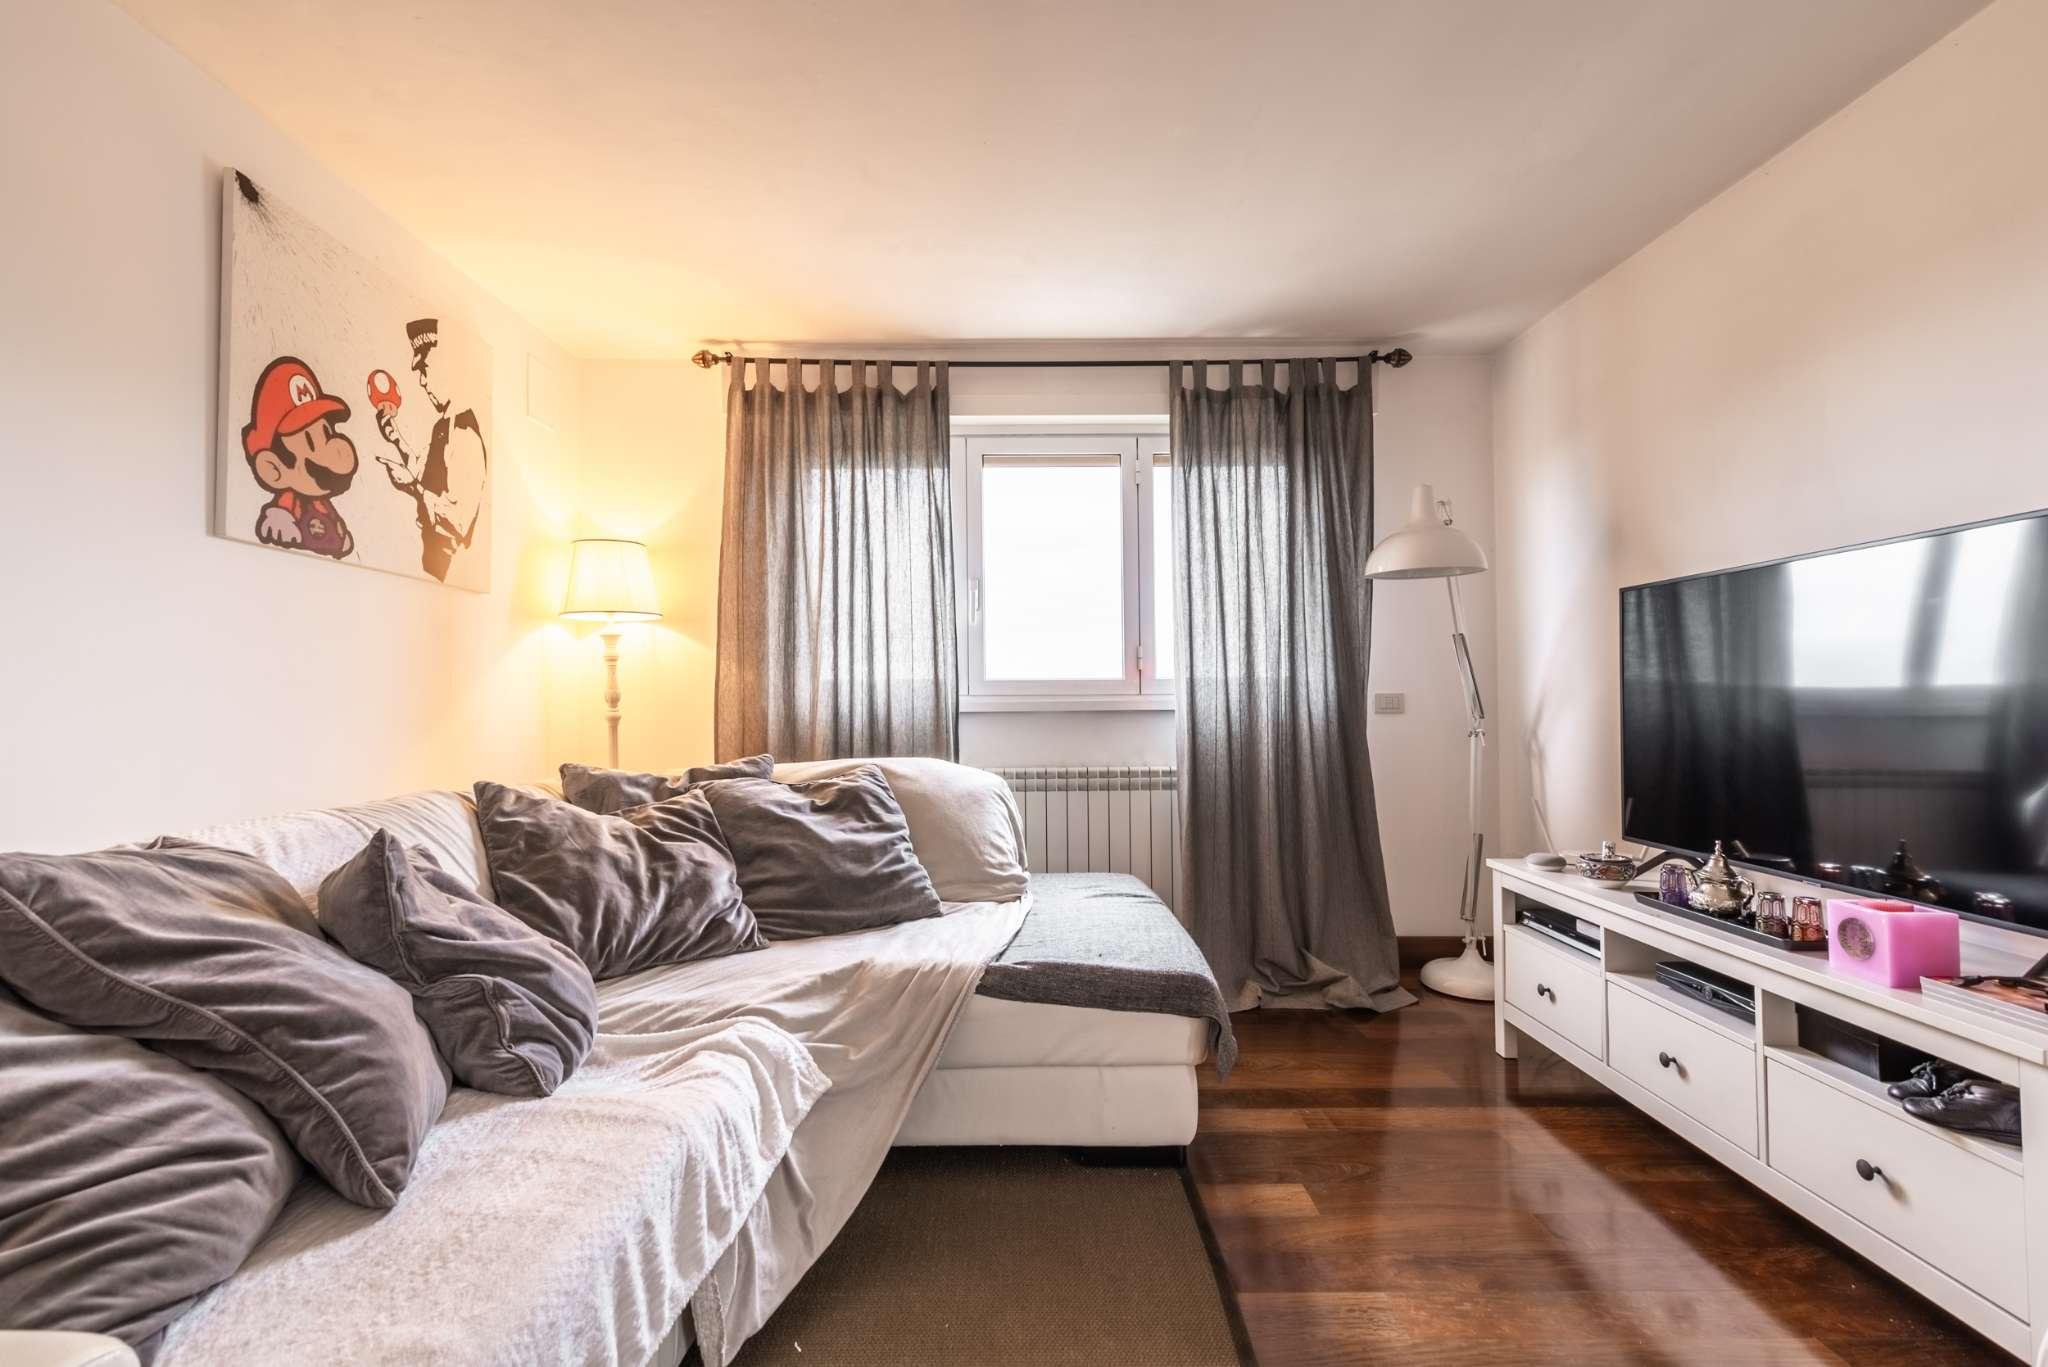 Attico / Mansarda in vendita a Roma, 4 locali, zona Zona: 28 . Torrevecchia - Pineta Sacchetti - Ottavia, prezzo € 245.000   CambioCasa.it